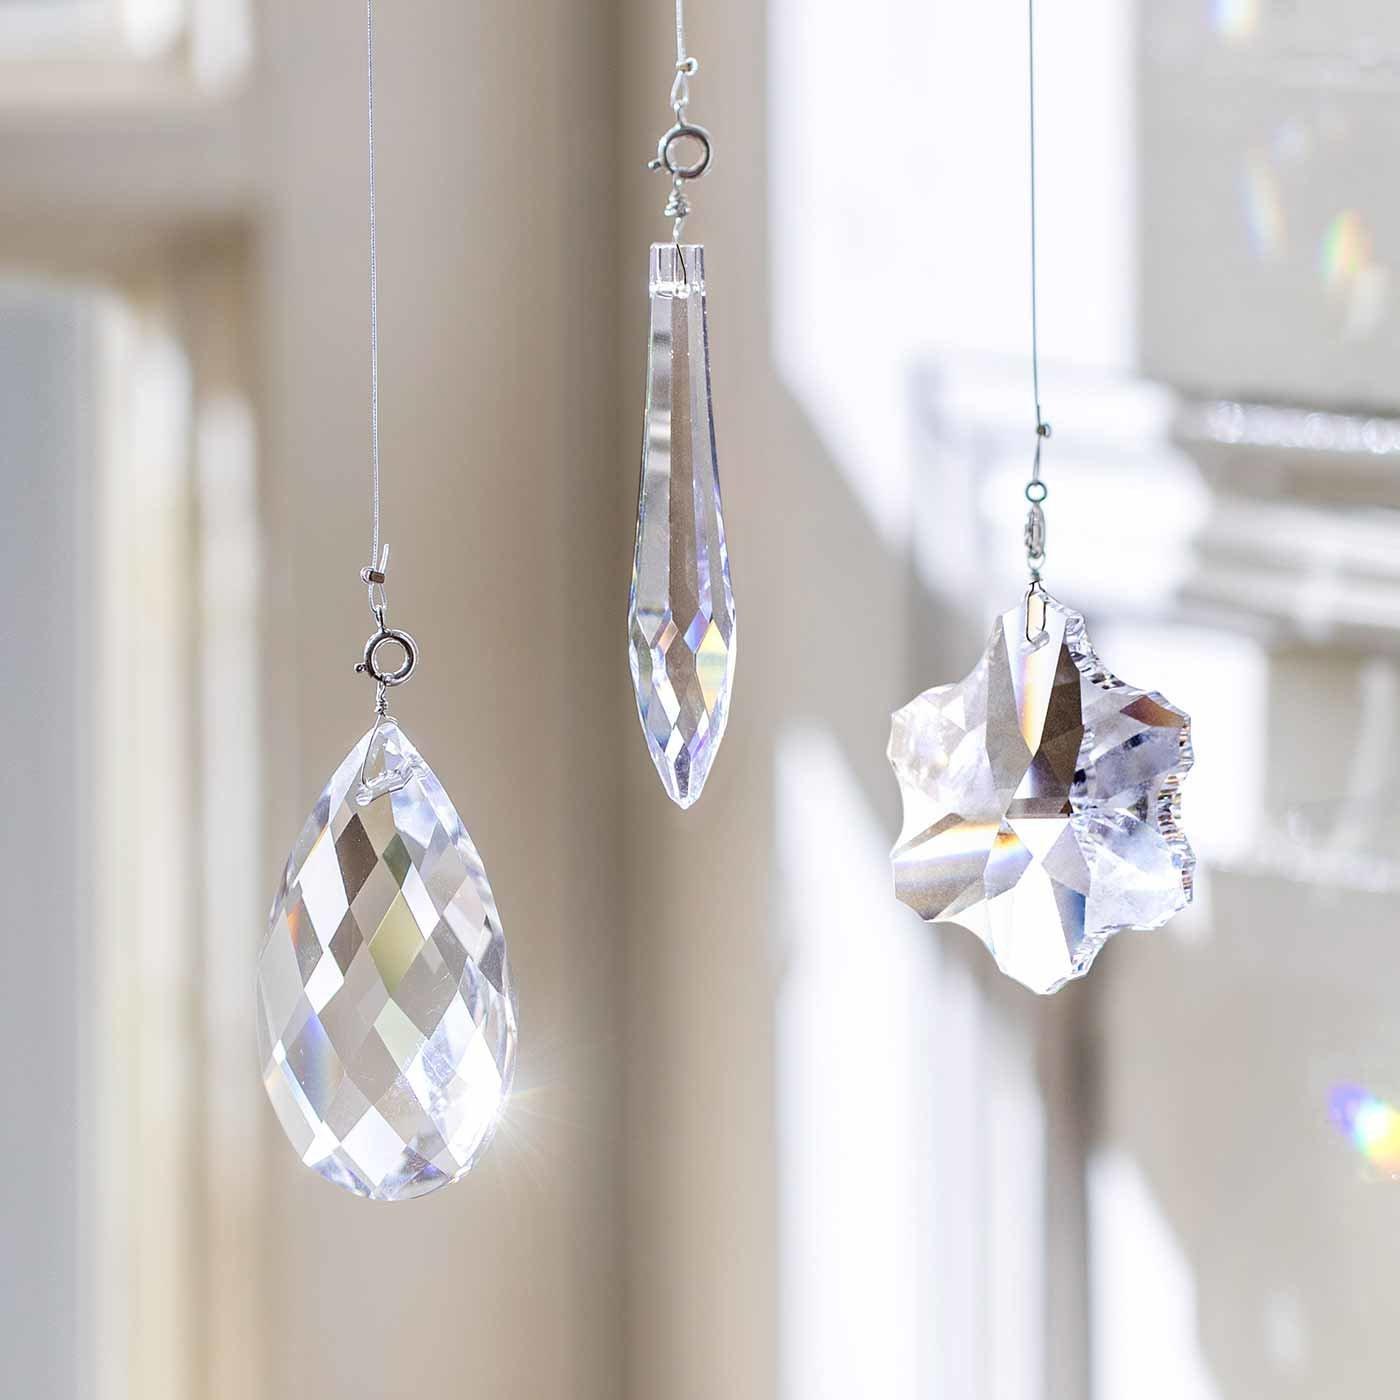 チェコのボヘミアガラスで作ったシャンデリアルースの会